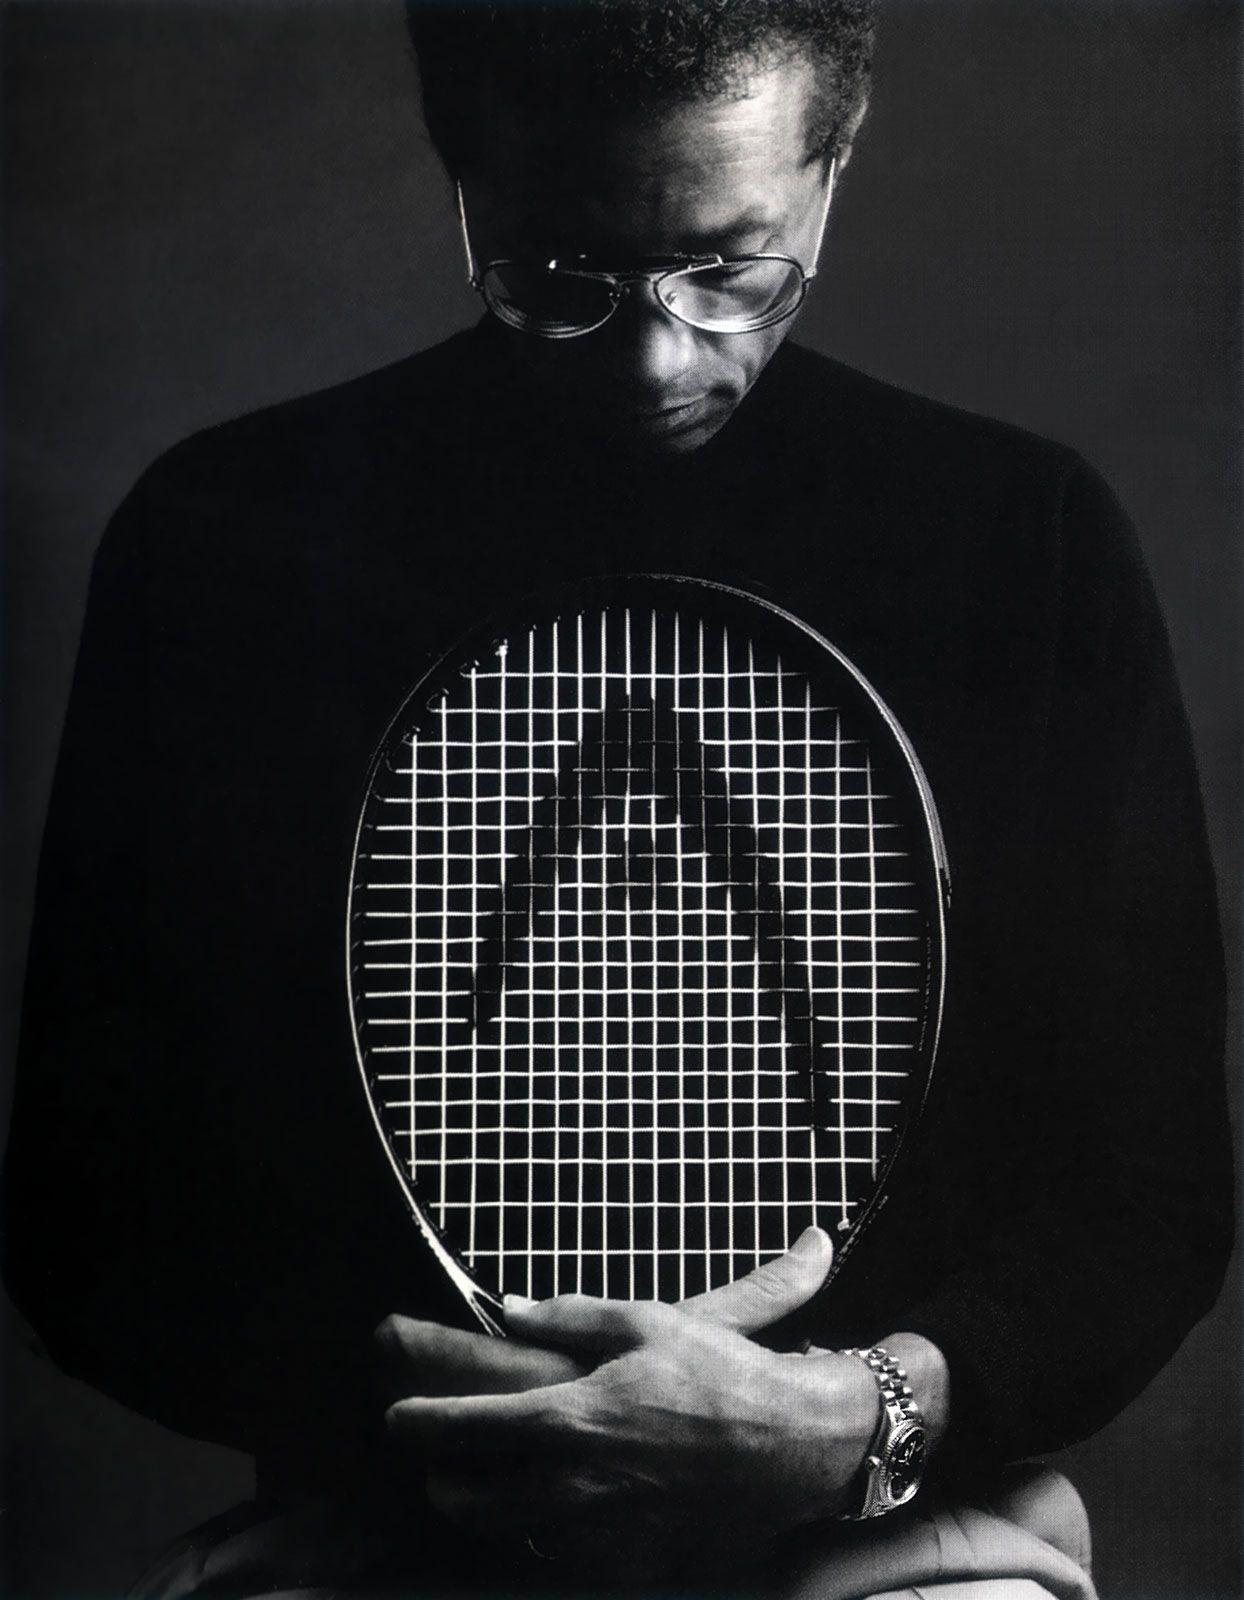 I Only Wear Rolex Arthur Ashe Tennis Tennis Legends Arthur Ashe